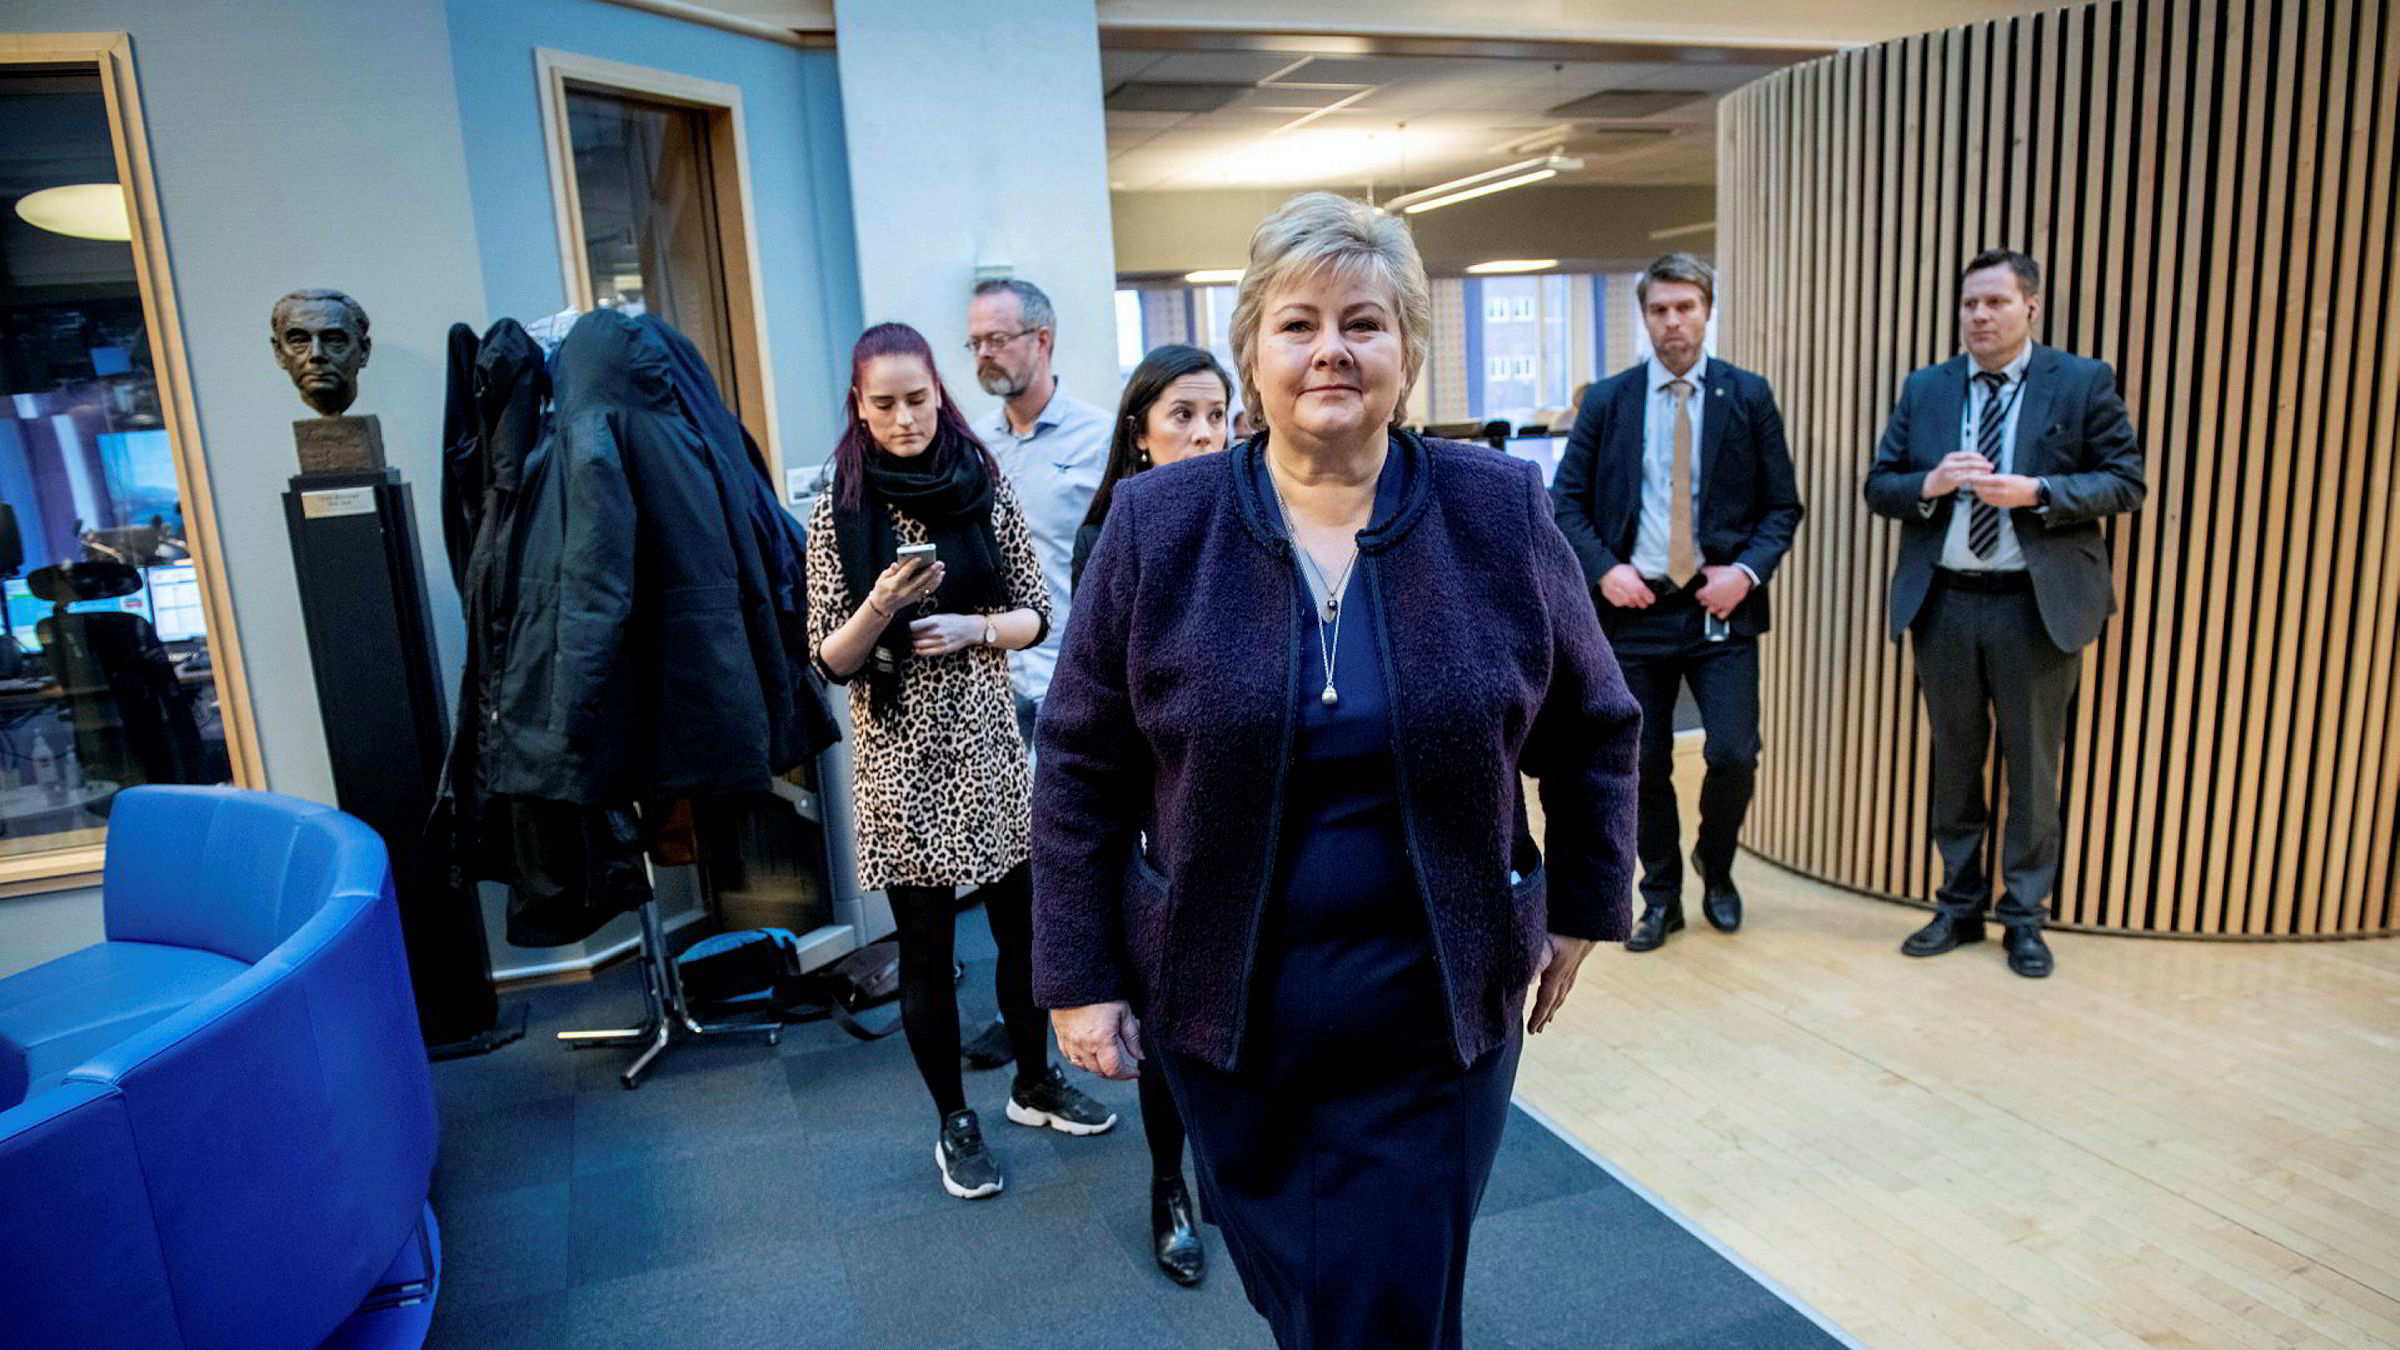 Økonomien er ikke deprimert – det som har skjedd er rett og slett at myndighetene har slukket lyset og låst døren, skriver artikkelforfatteren. Her lyseslokker og statsminister Erna Solberg som har utskrevet medisinen.